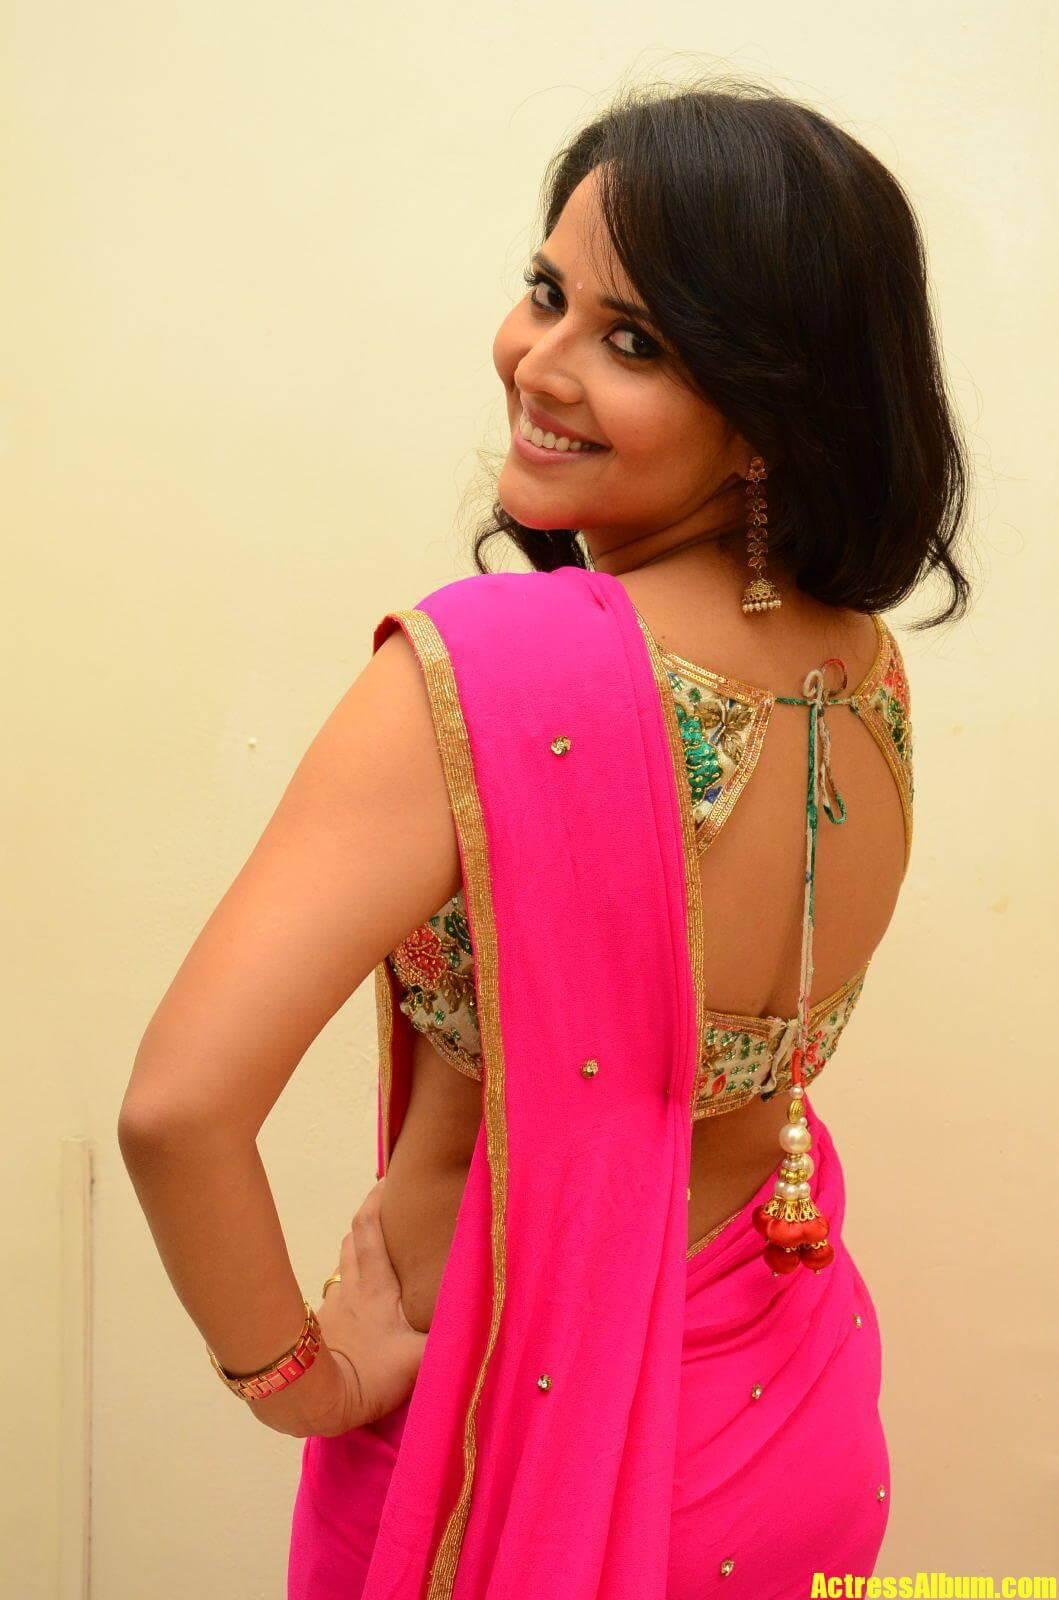 Anasuya Pink Saree Backless Blouse Actress Album